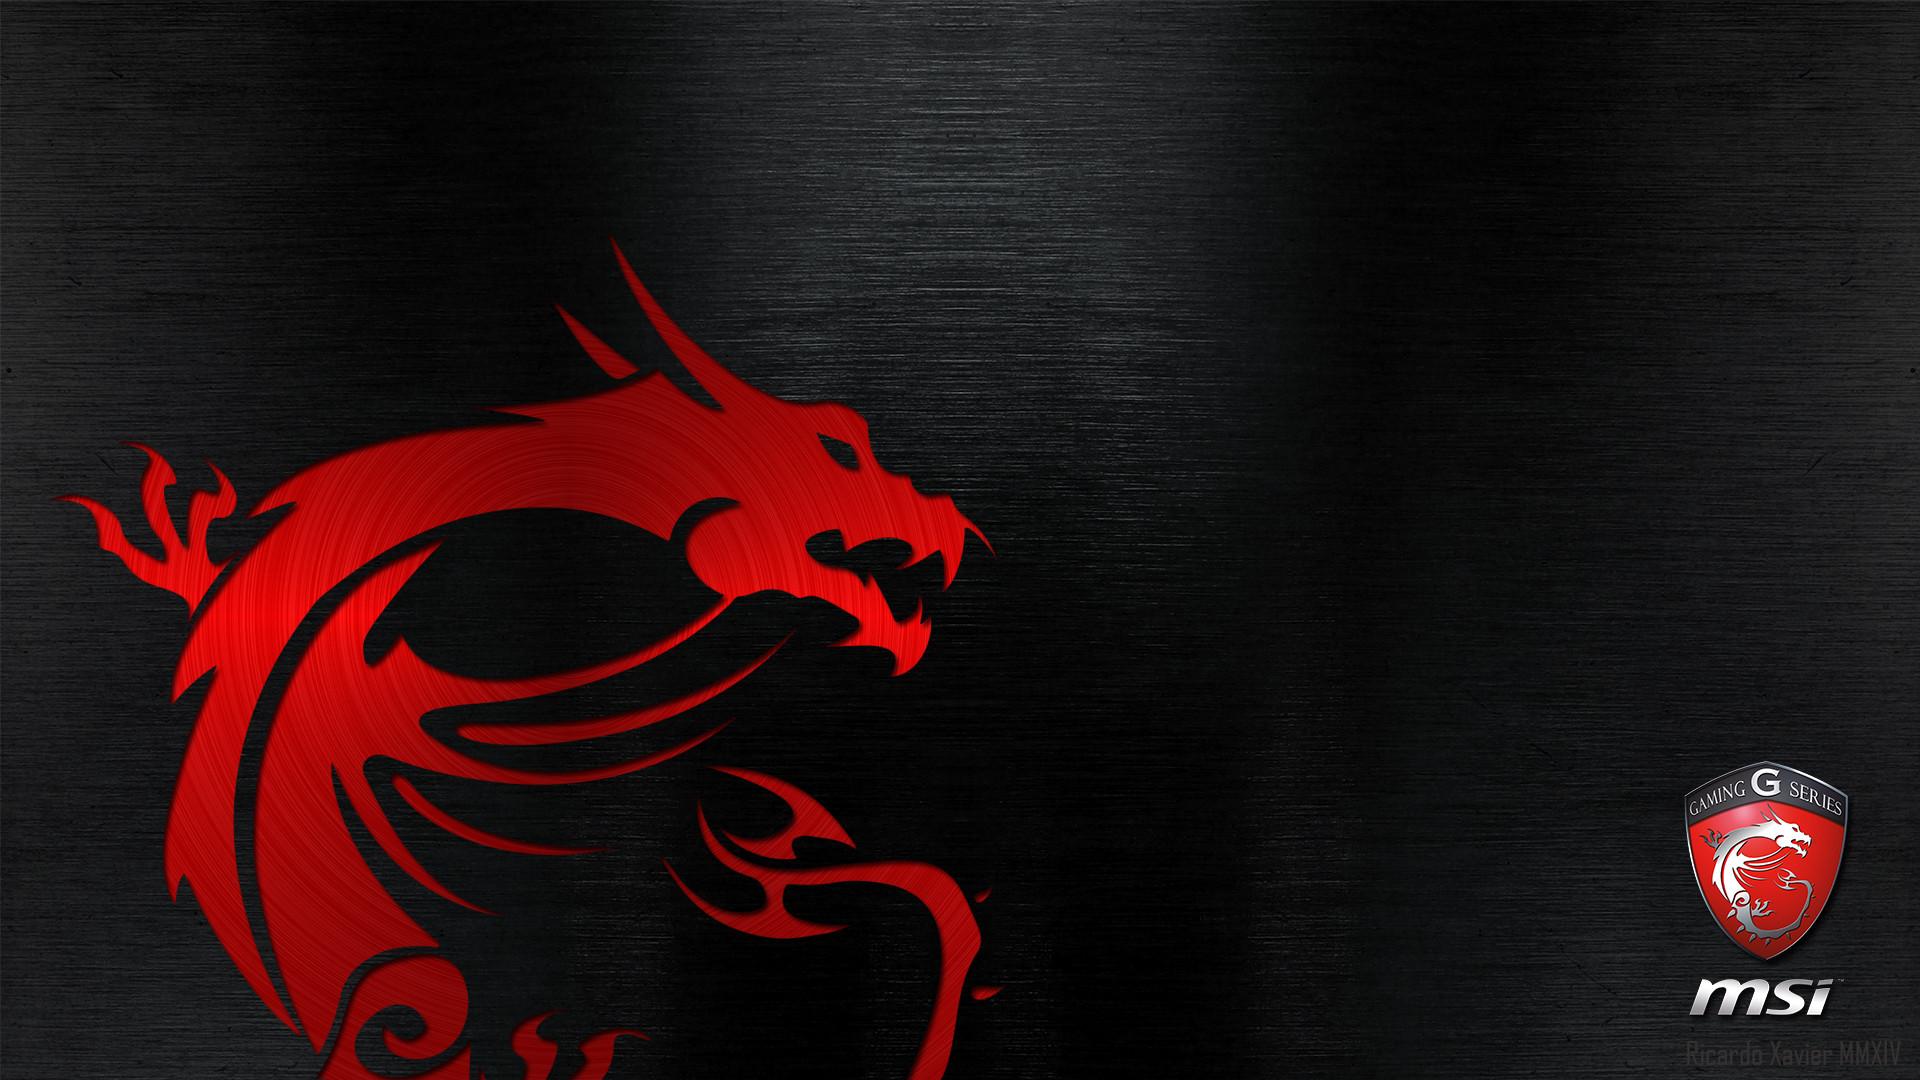 MSI Gaming Wallpaper – red dragon emobossed (1920×1080)   def   Pinterest    Digital marketing